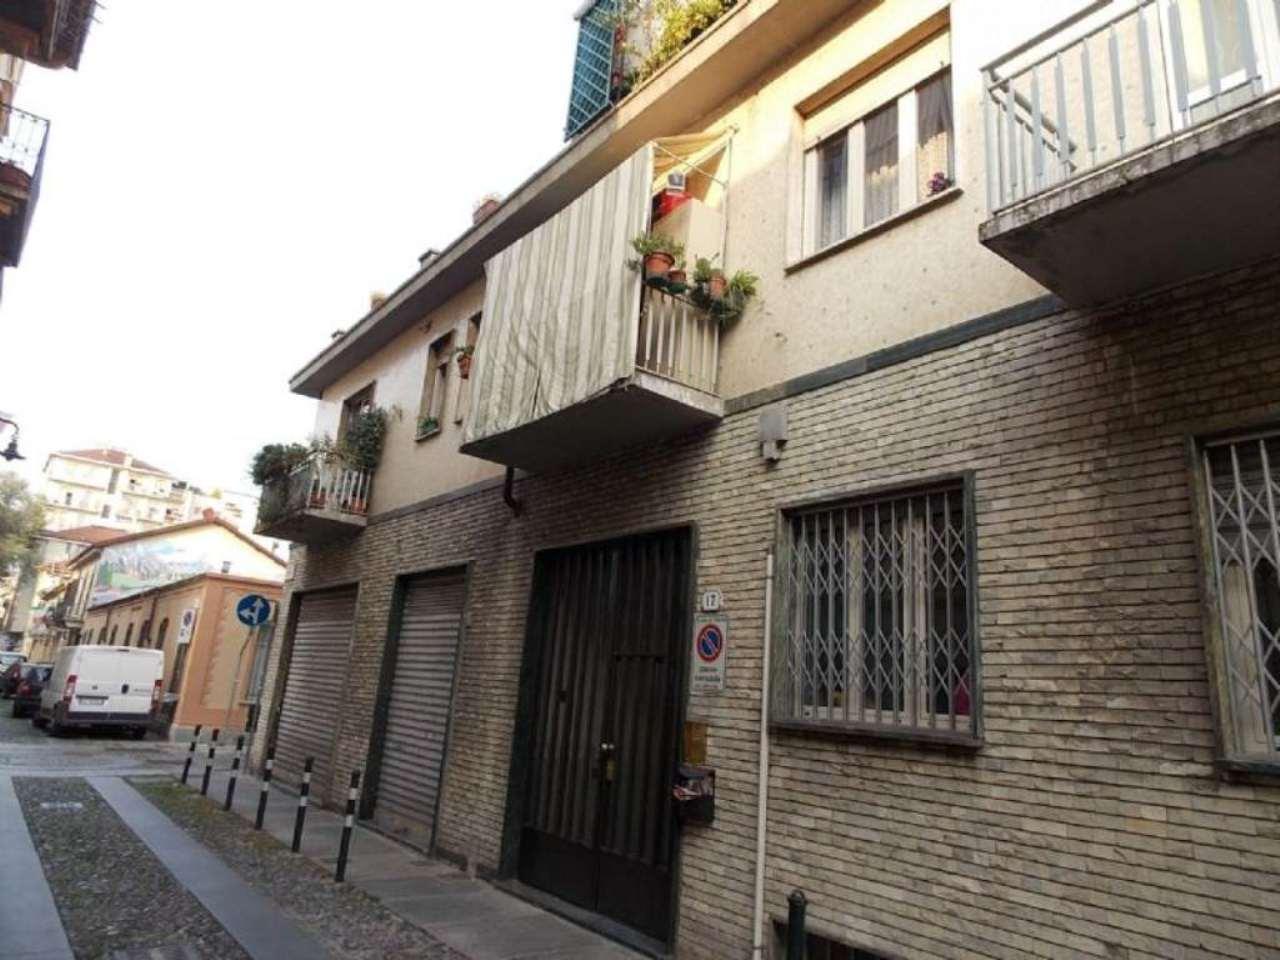 Attico / Mansarda in vendita a Torino, 3 locali, zona Zona: 9 . San Donato, Cit Turin, Campidoglio, , prezzo € 160.000 | CambioCasa.it